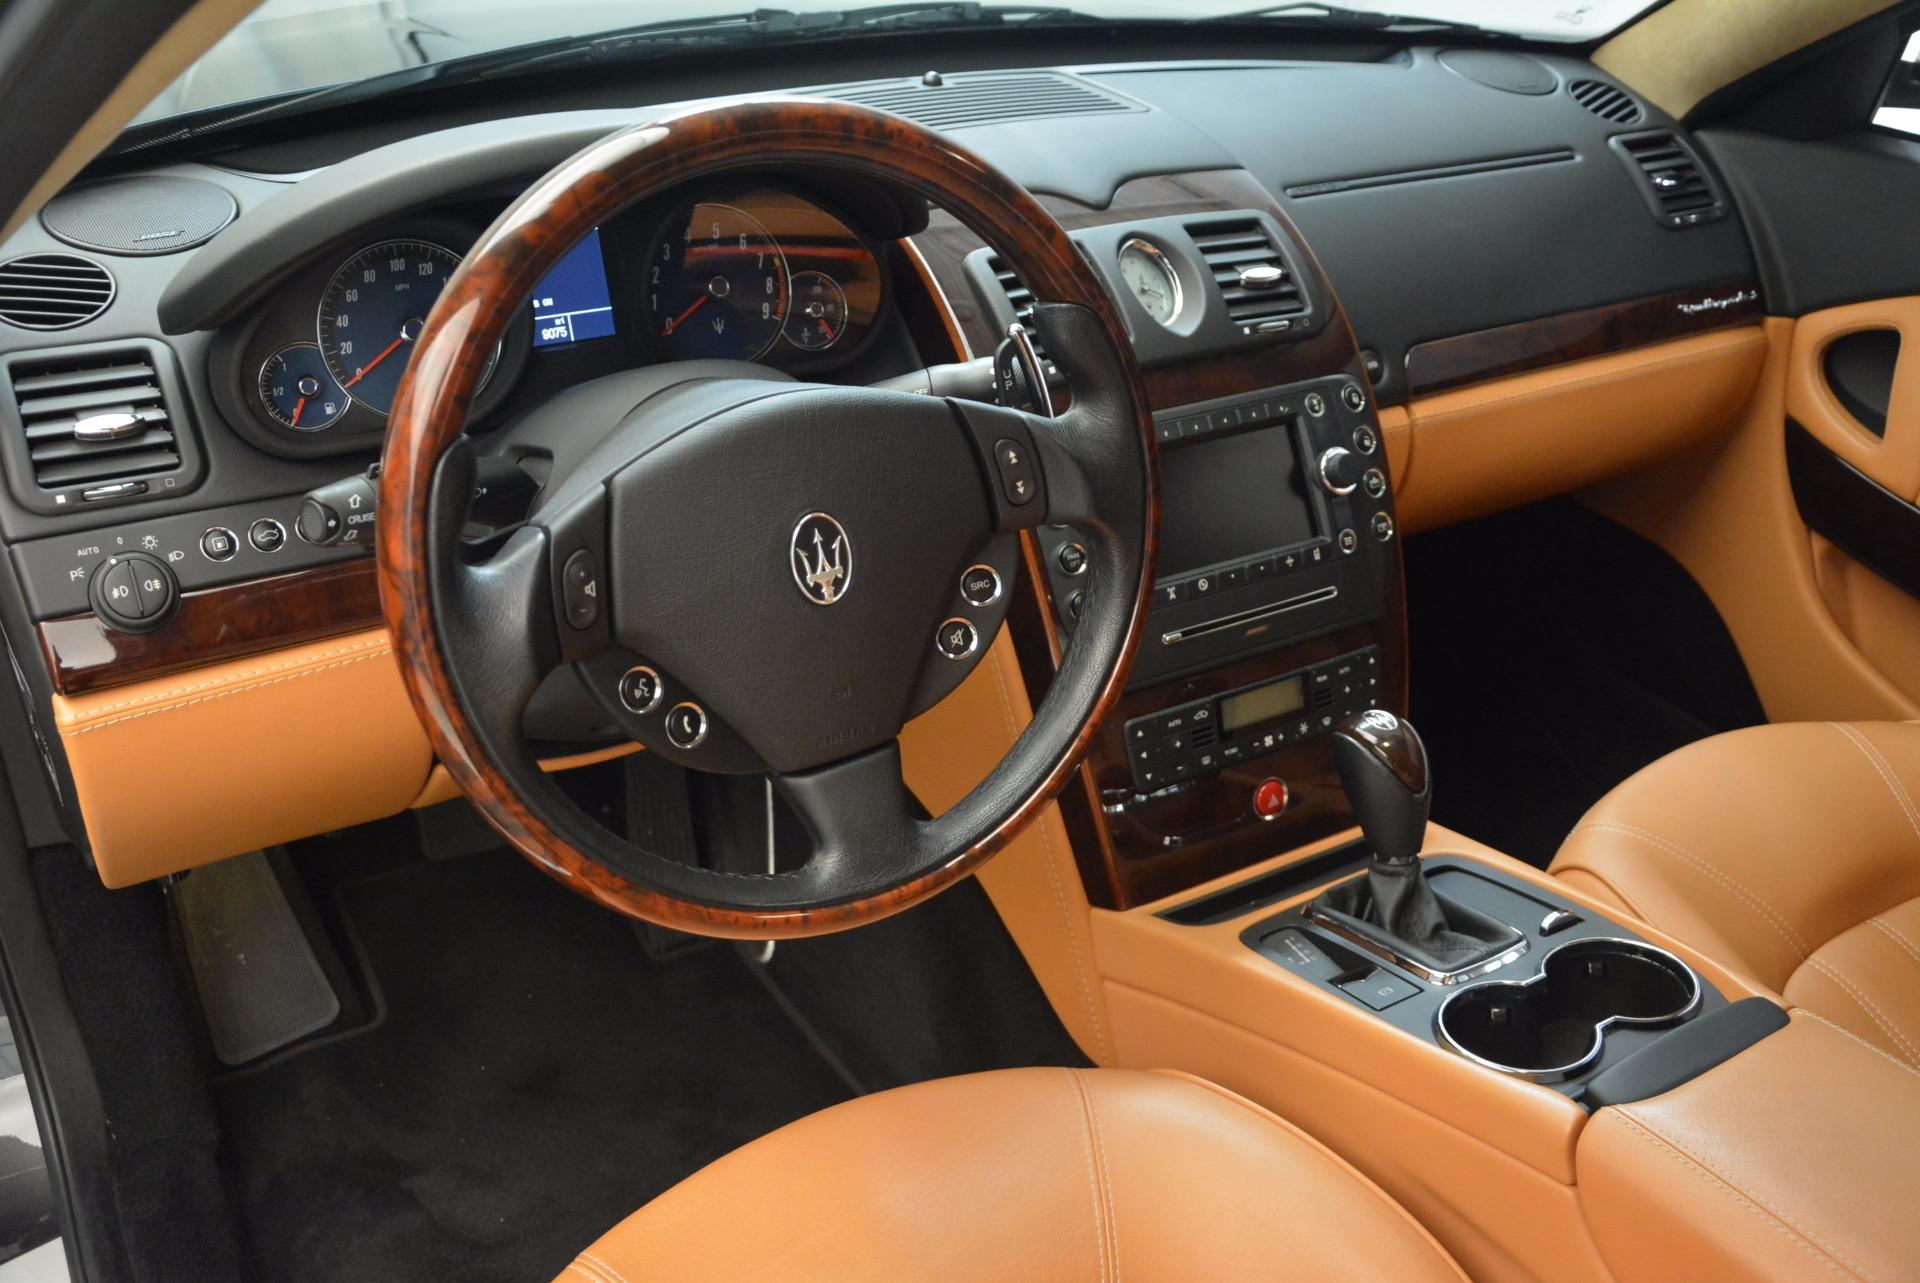 Used 2010 Maserati Quattroporte S For Sale In Greenwich, CT. Alfa Romeo of Greenwich, 7279 1551_p25